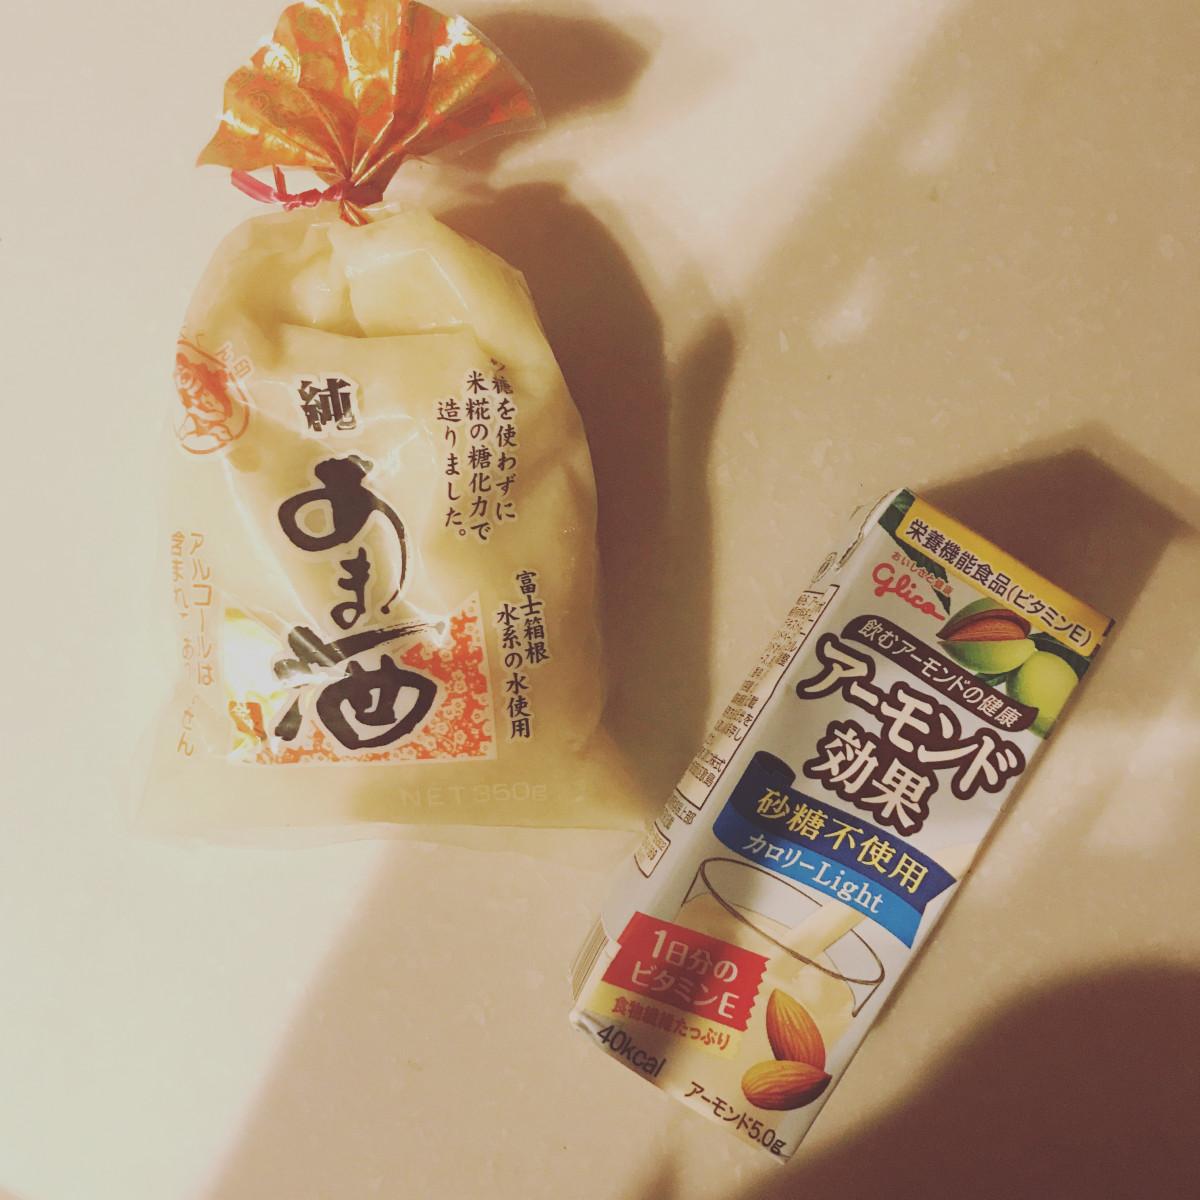 【甘酒とアーモンドミルクの美容効果】甘いものを摂りたくなったらオススメなのがこれ♬